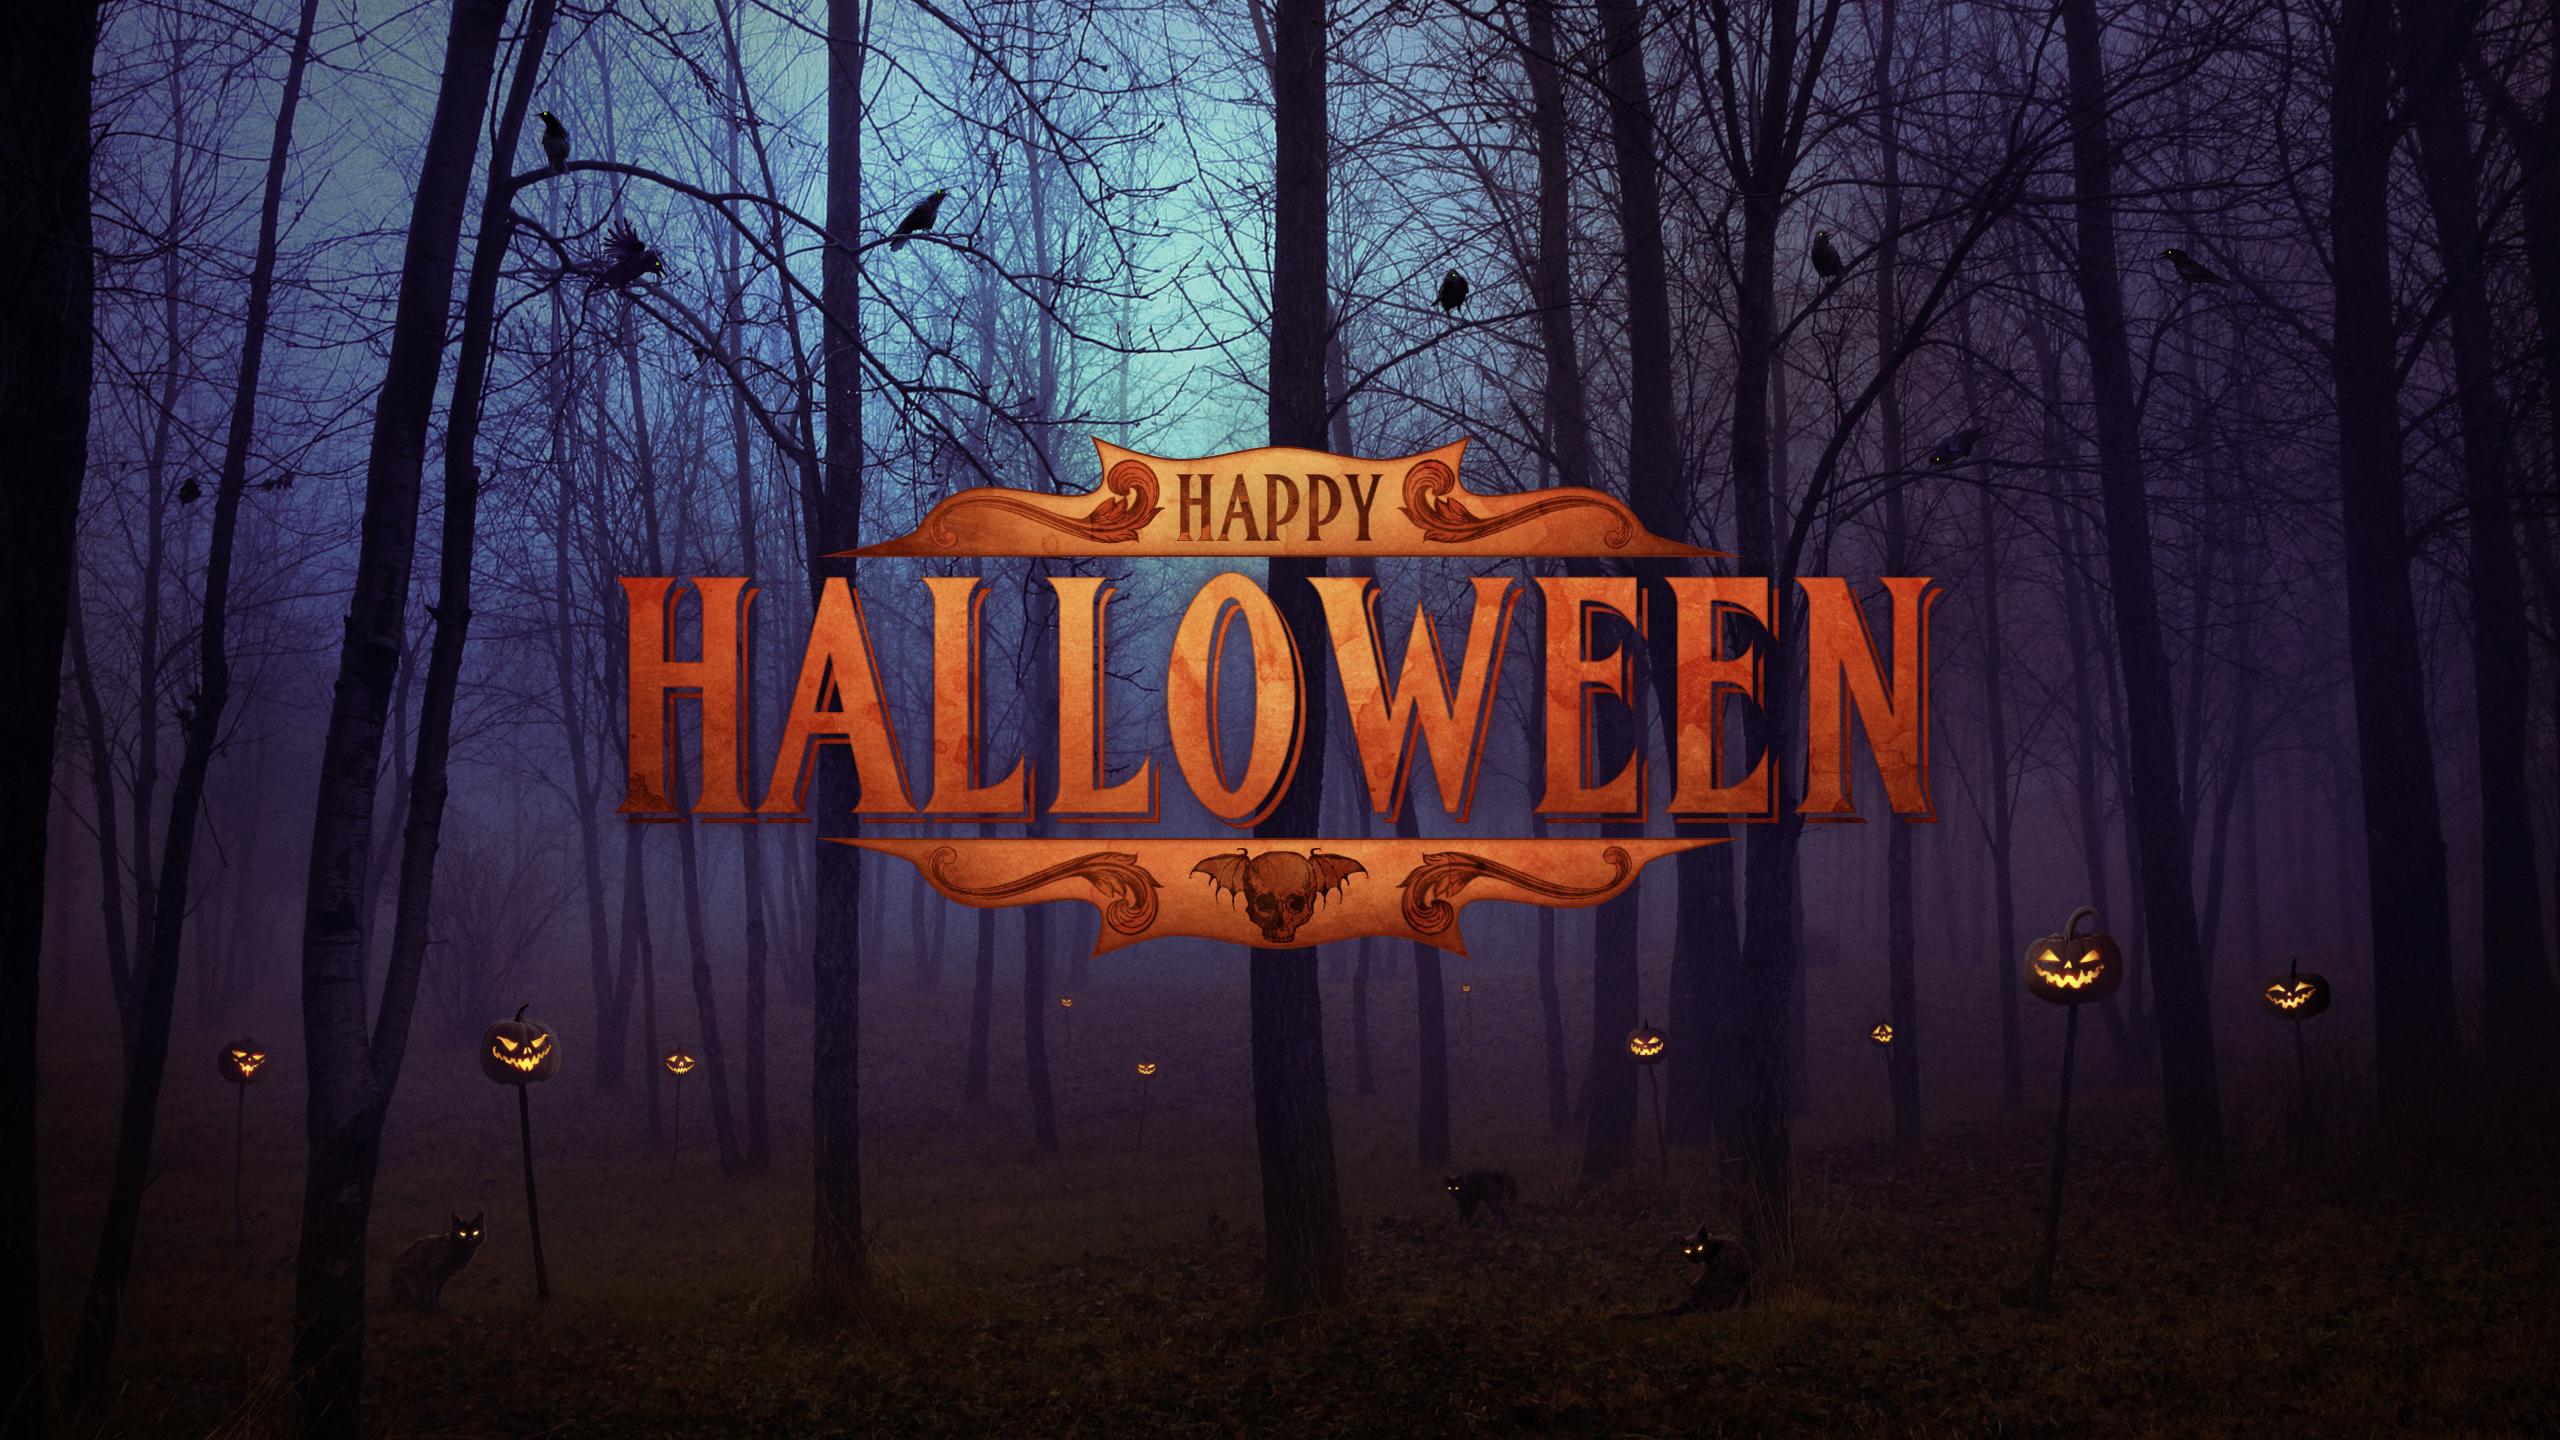 Happy Halloween 2014 wallpaper